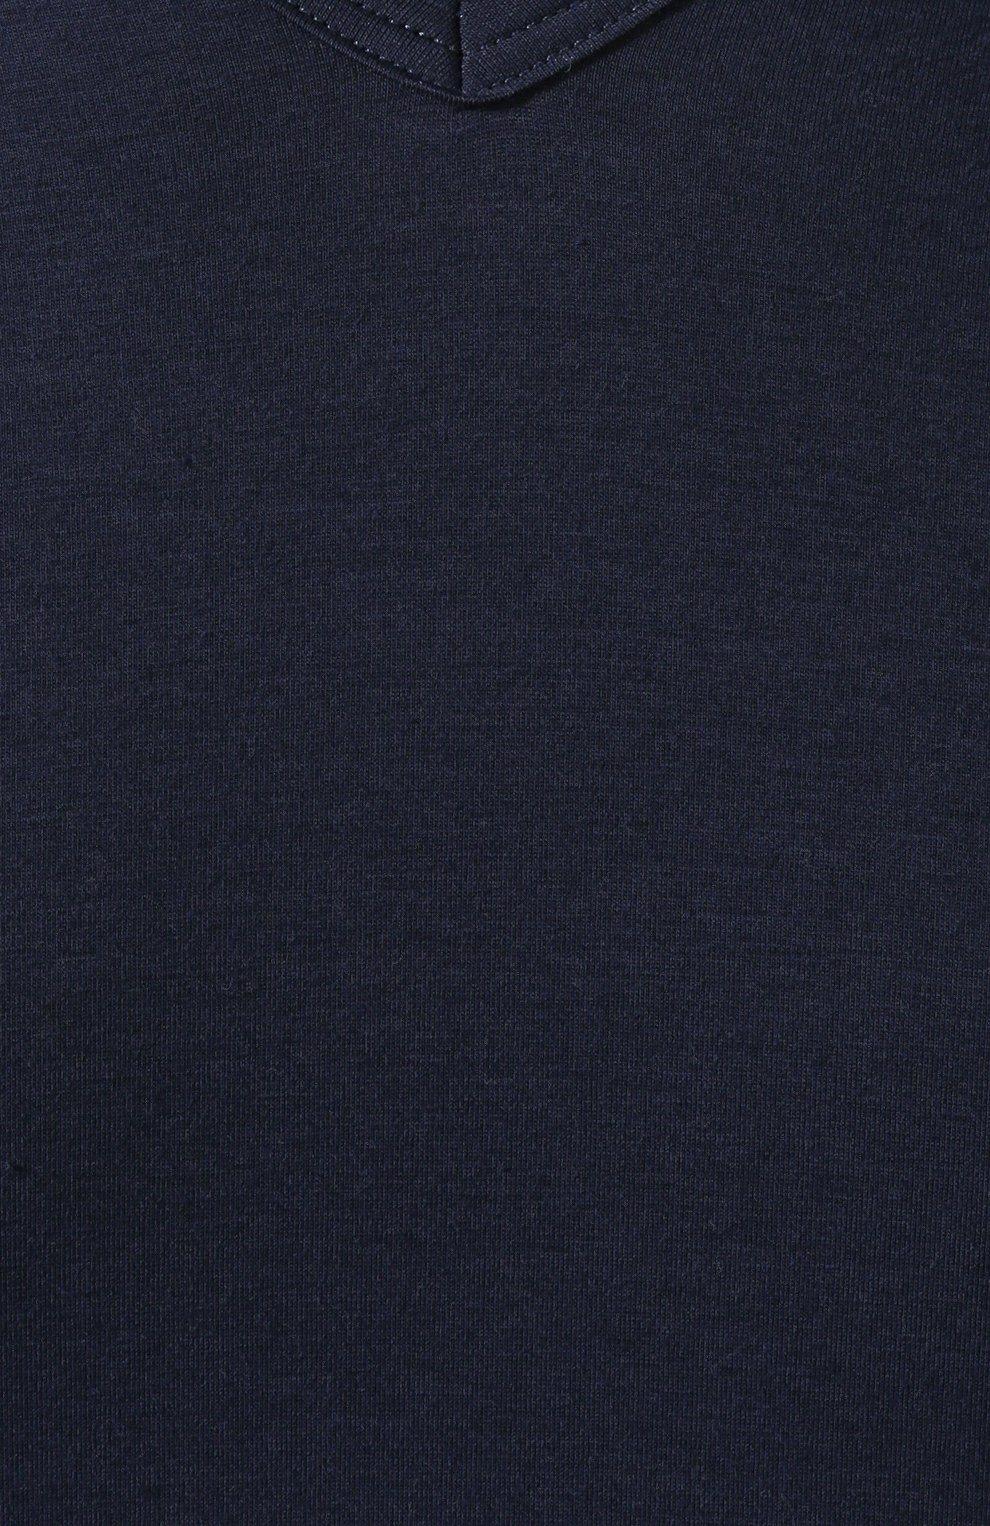 Мужская хлопковая футболка с v-образным вырезом ZIMMERLI темно-синего цвета, арт. 172-1462 | Фото 5 (Кросс-КТ: домашняя одежда; Рукава: Короткие; Длина (для топов): Стандартные; Материал внешний: Хлопок; Мужское Кросс-КТ: Футболка-белье; Статус проверки: Проверена категория)